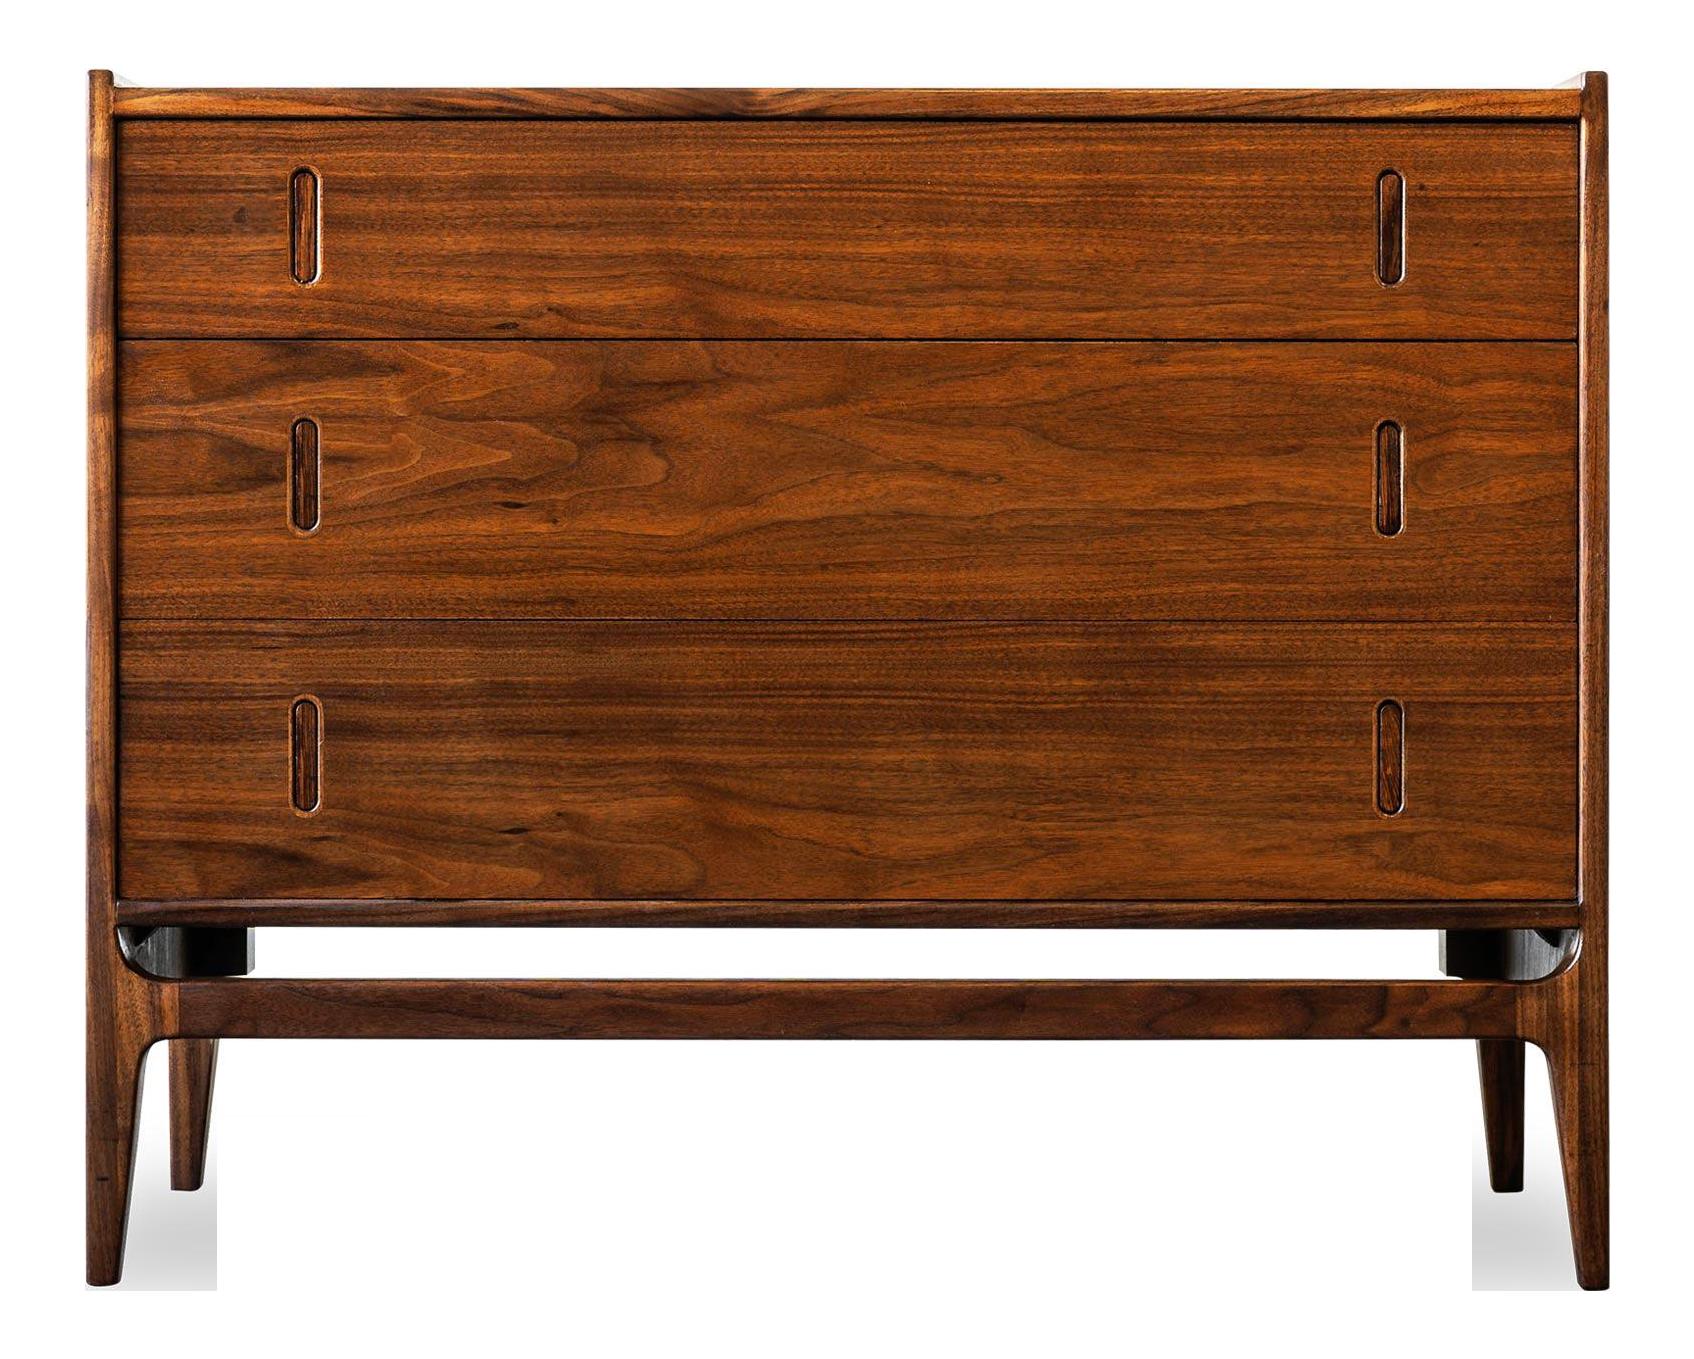 Walnut Dresser Richard Thompson for Glenn of California Mid Century Modern Dresser